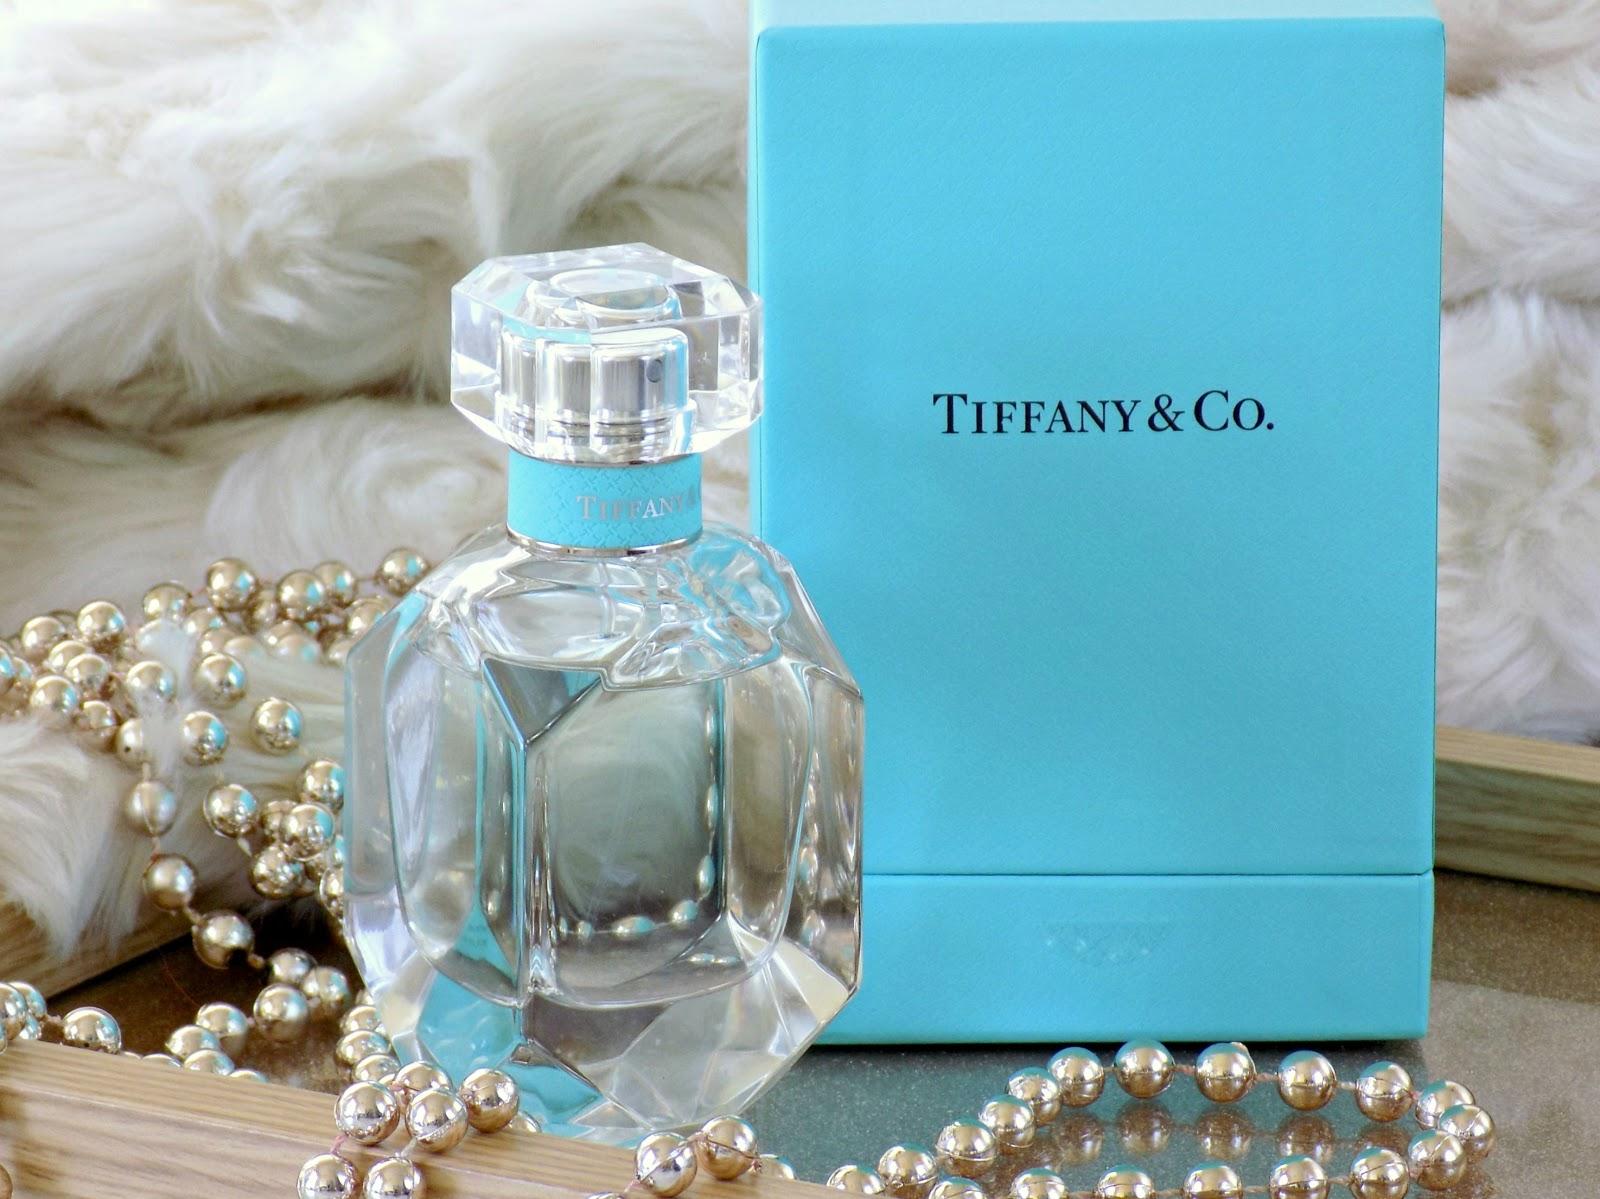 Tiffany & Co perfume